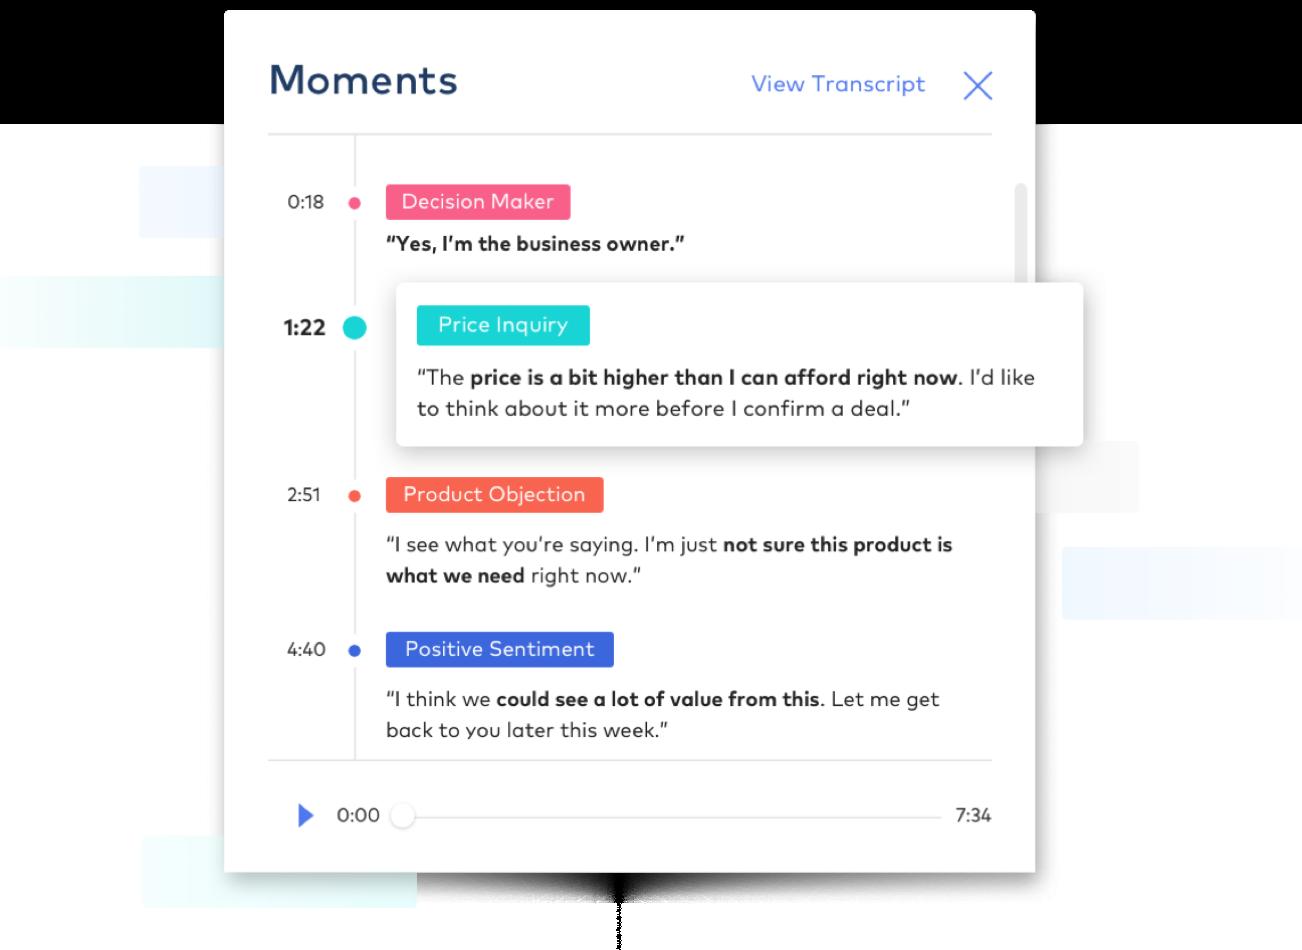 営業タスクを全て管理 - Viは営業活動も常にサポート。Dialpadや営業支援ツールでの会話や活動履歴を全て読み取り、いつ誰と何を話したか、未来のアクションで何をすべきか、教えてくれます。